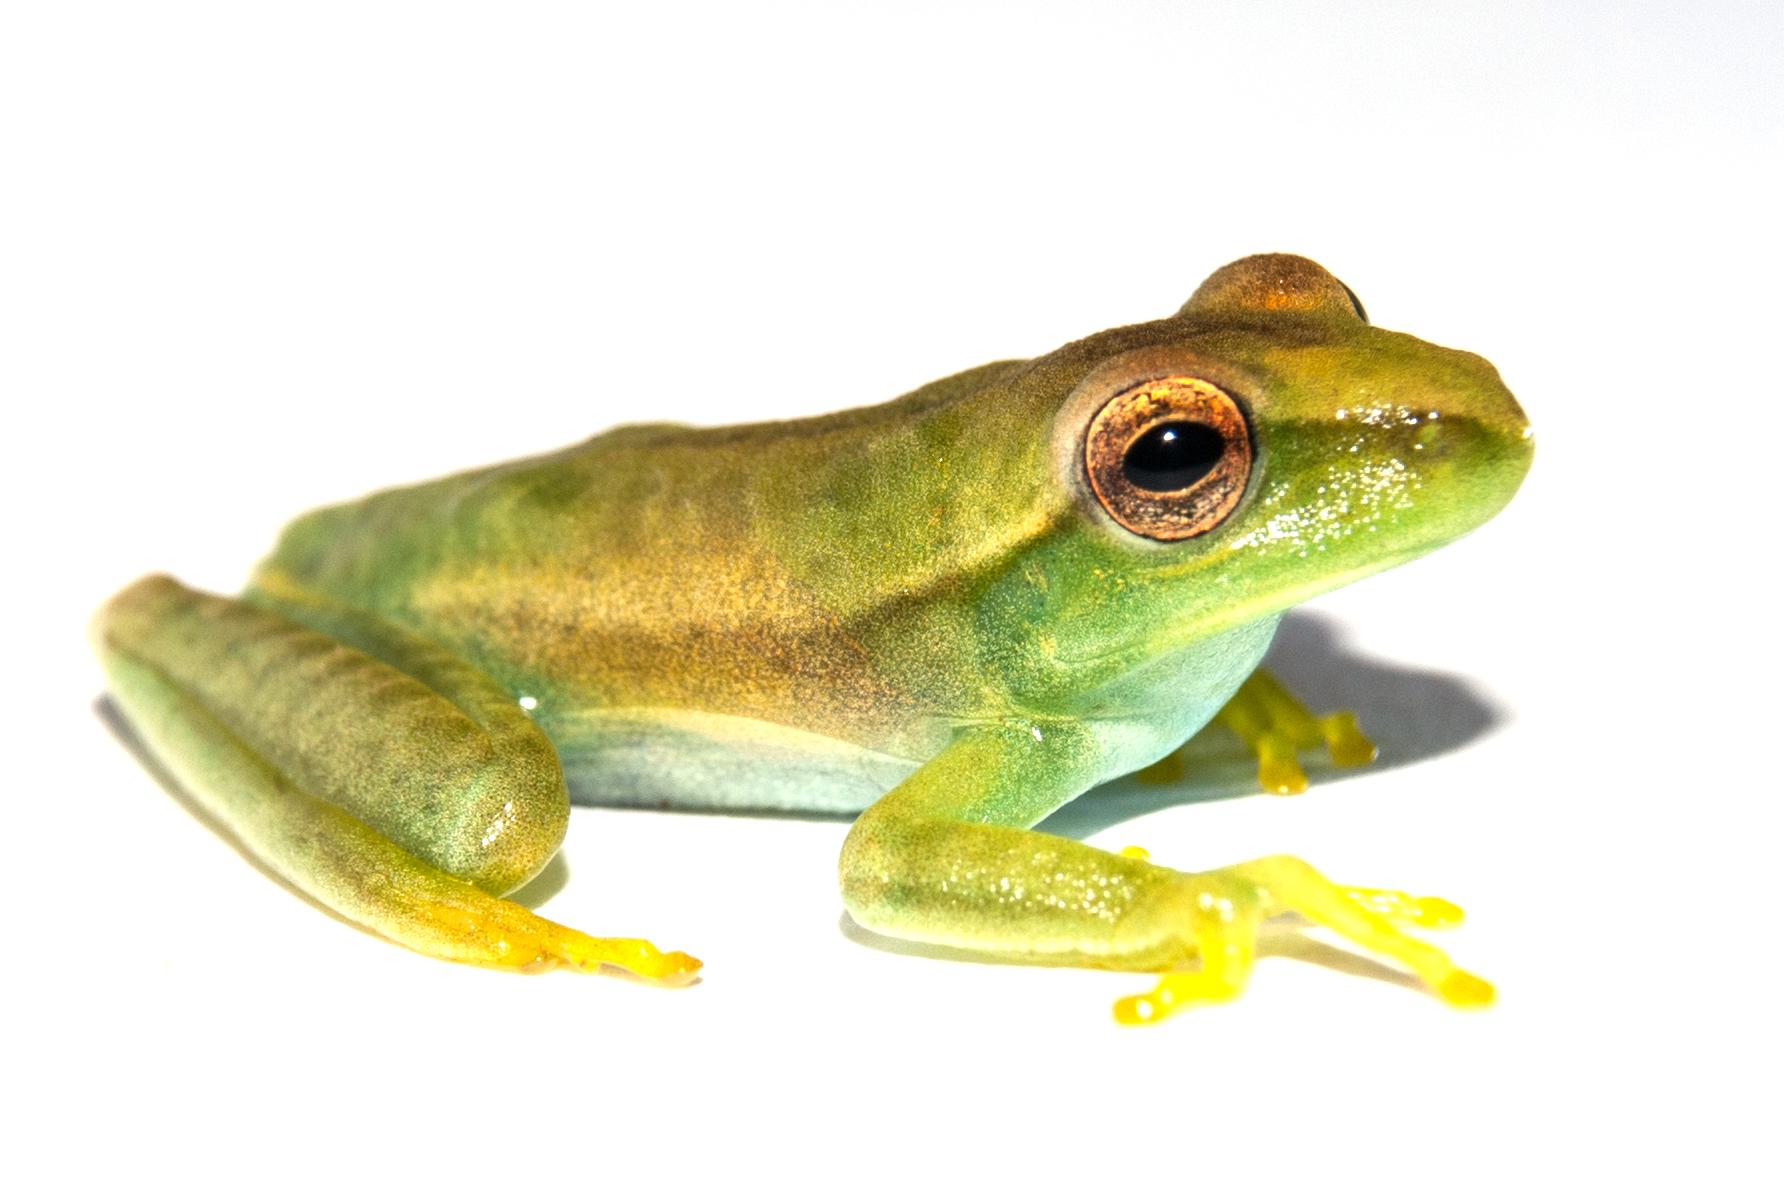 Hypsiboas albopunctatus